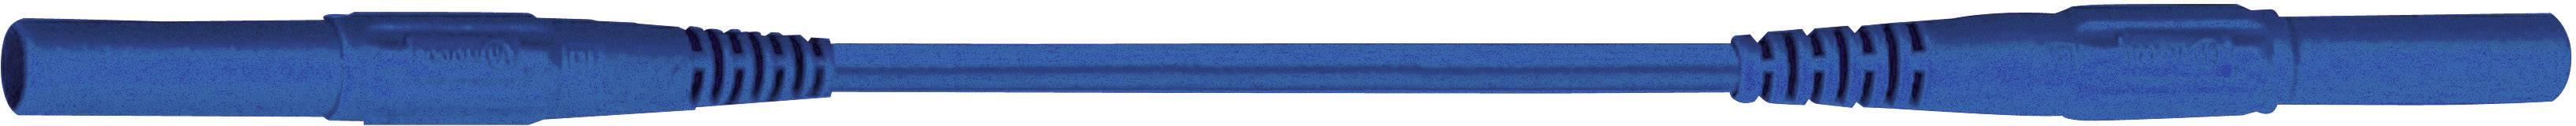 Merací silikónový kábel Multicontact XMS-419, 2,5 mm², modrý, 2m